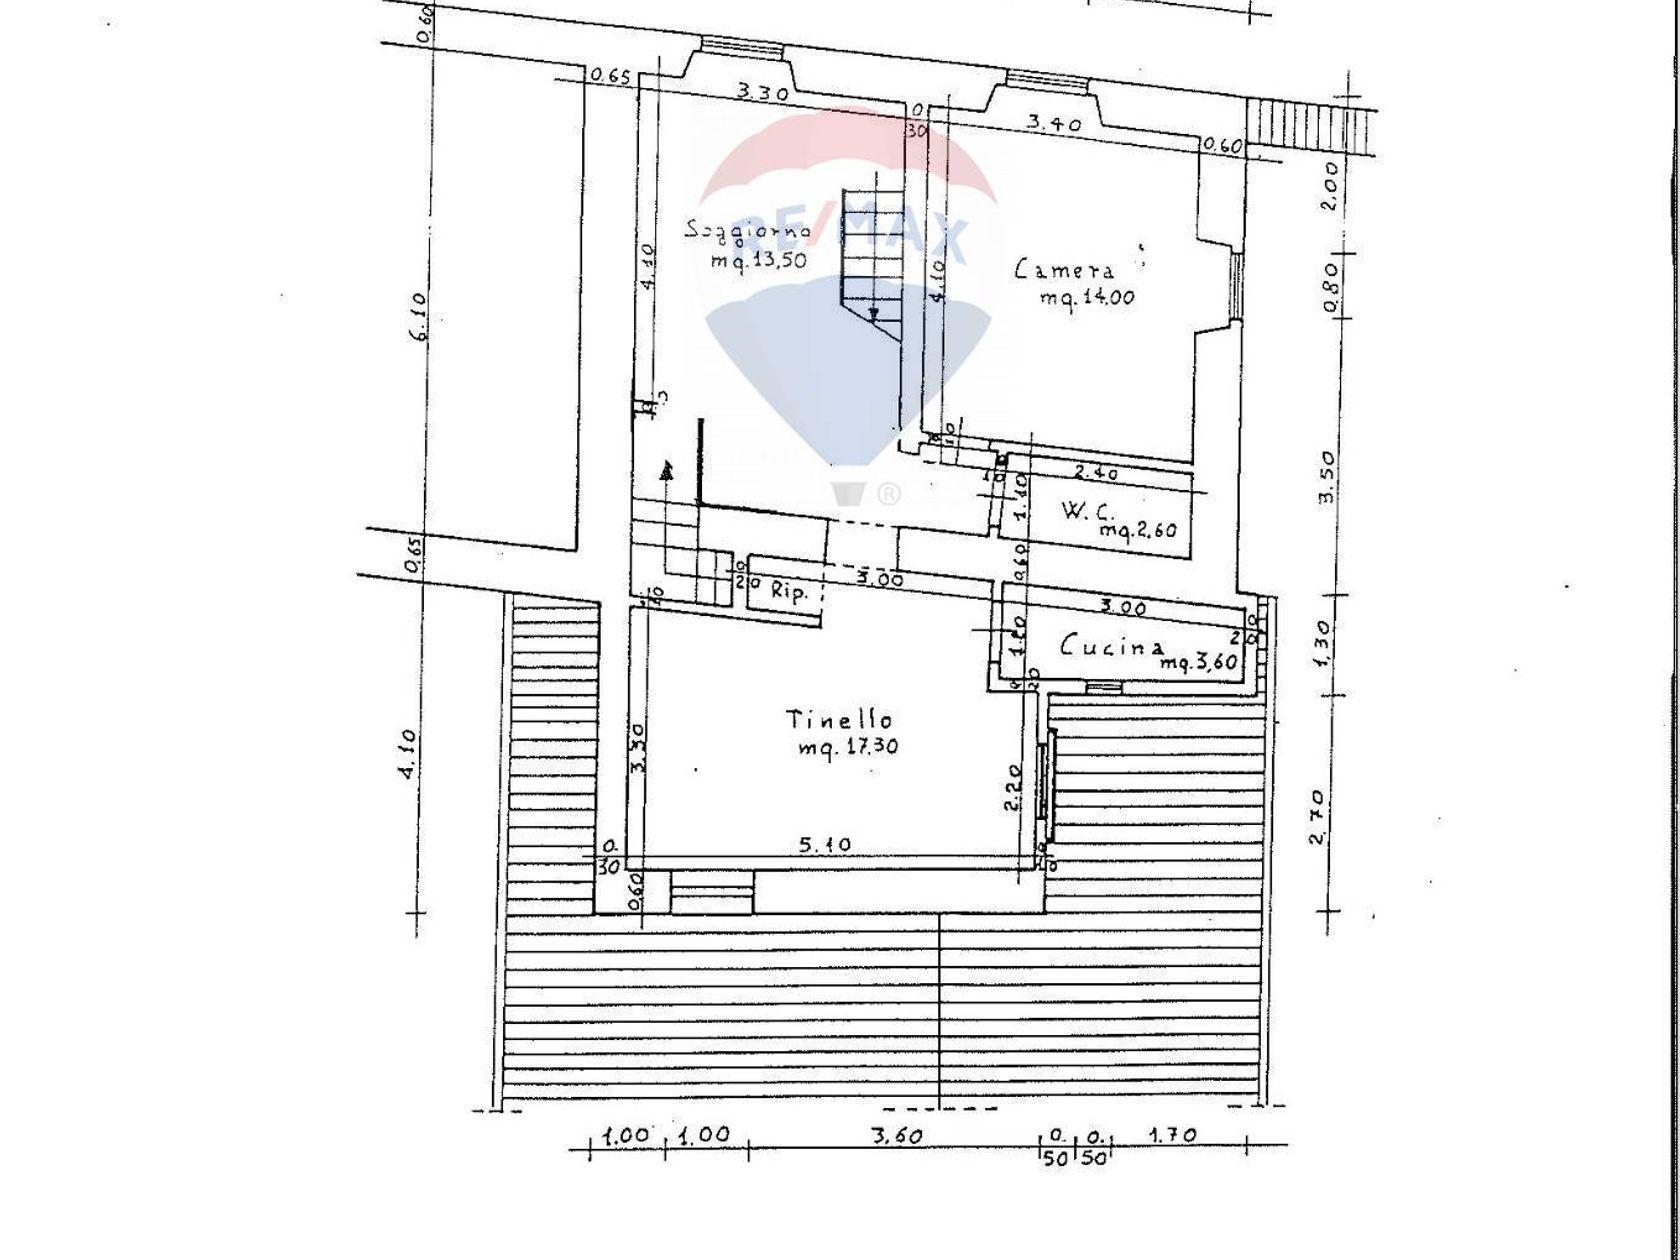 Appartamento L'Aquila, AQ Vendita - Planimetria 1